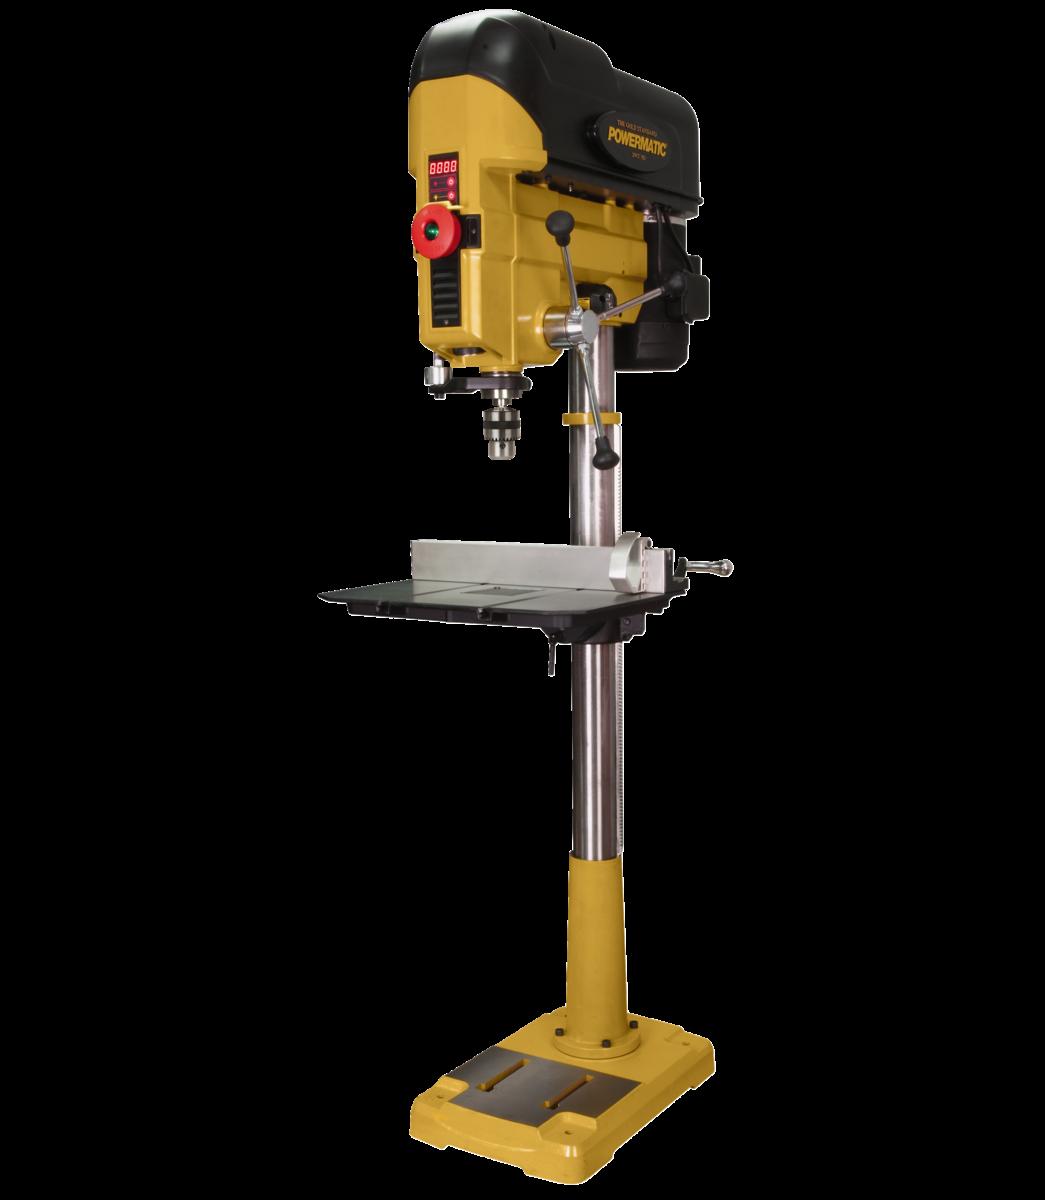 PM2800B Drill Press, 1HP 1PH 115/230V